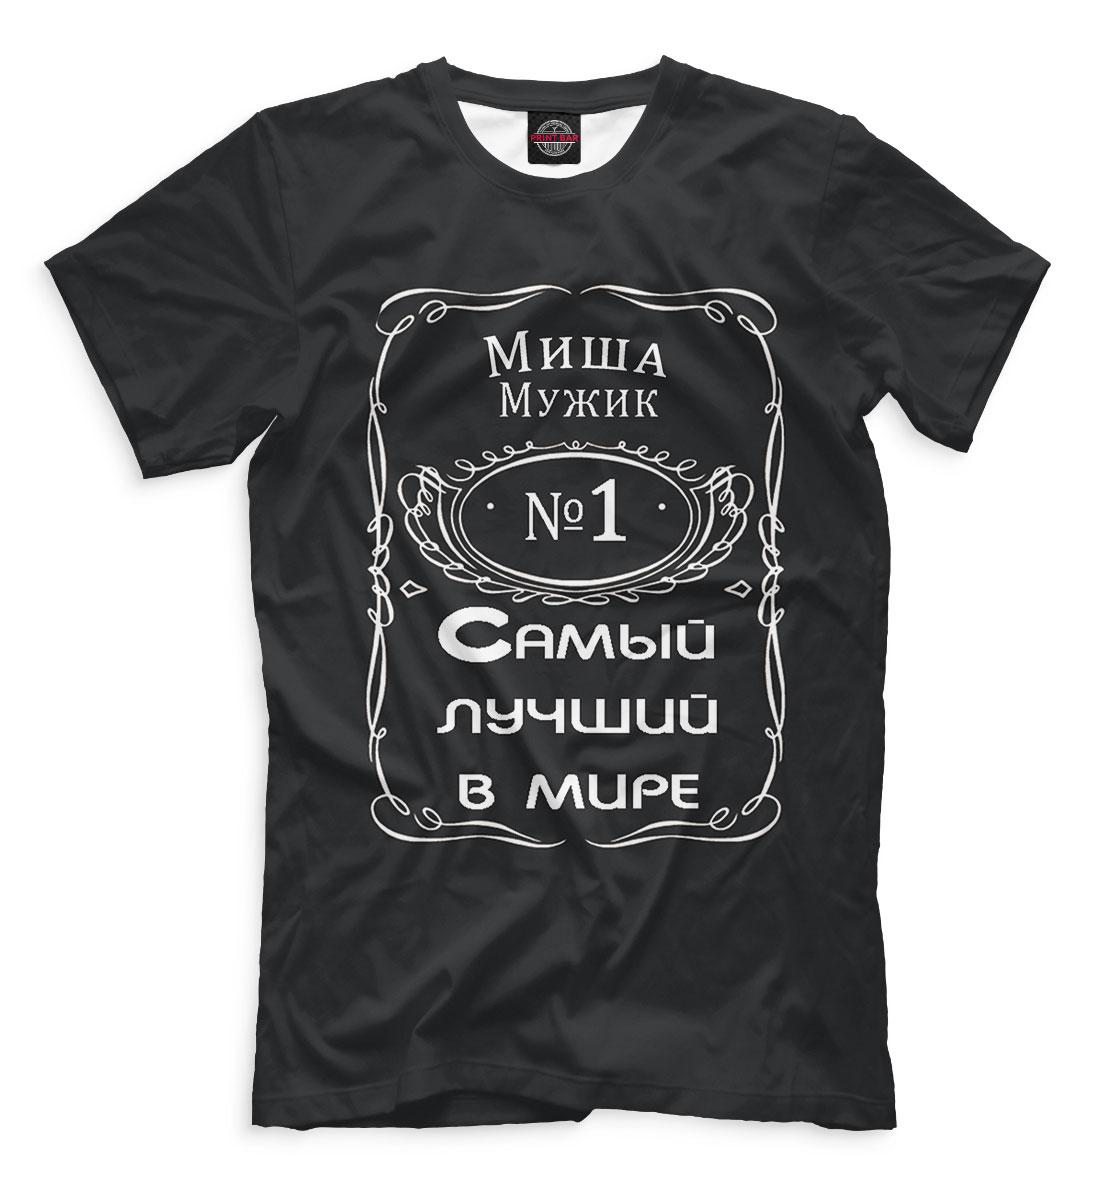 Купить Миша — самый лучший в мире, Printbar, Футболки, MCH-786319-fut-2